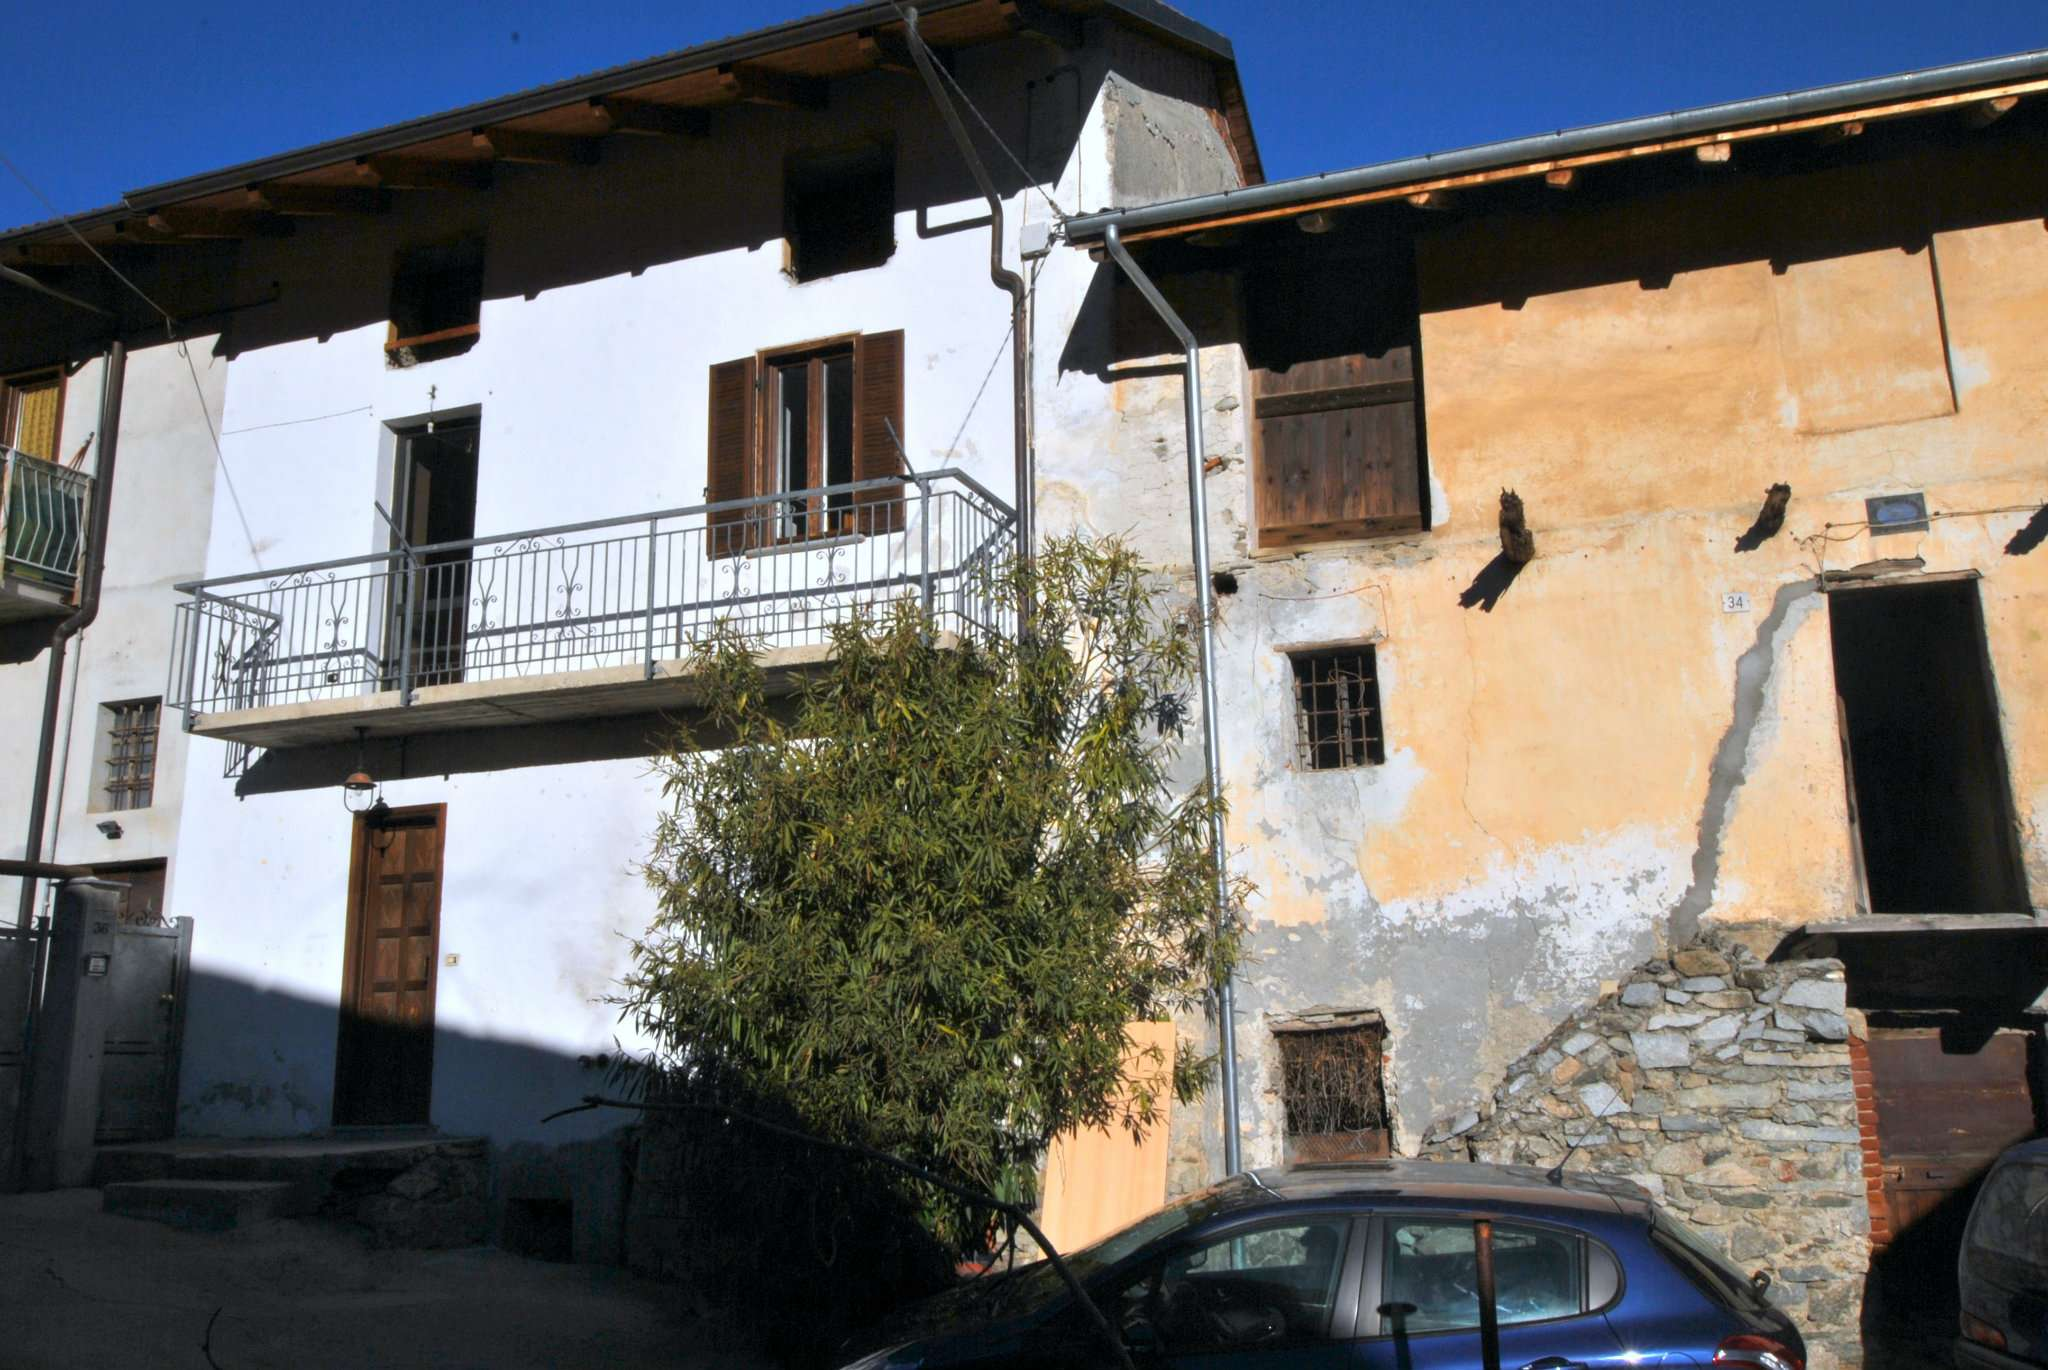 Soluzione Semindipendente in vendita a Villar Focchiardo, 3 locali, prezzo € 35.000 | PortaleAgenzieImmobiliari.it